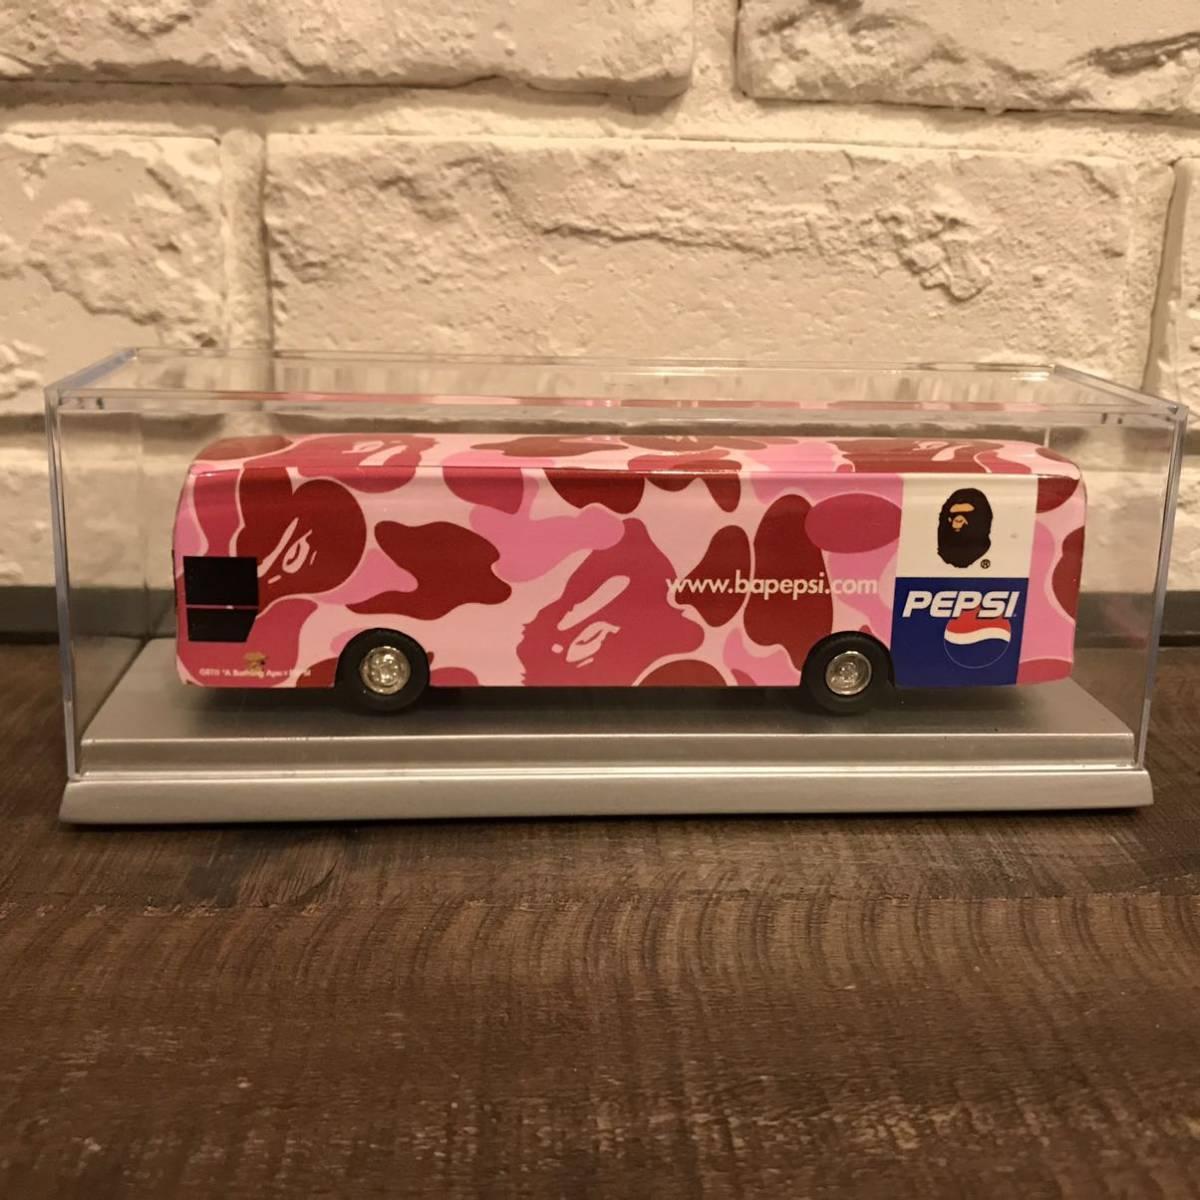 ★激レア★ pepsi ×BAPE mini BUS a bathing ape バス フィギュア エイプ ベイプ アベイシングエイプ ペプシ ABC camo pink Figure 迷彩